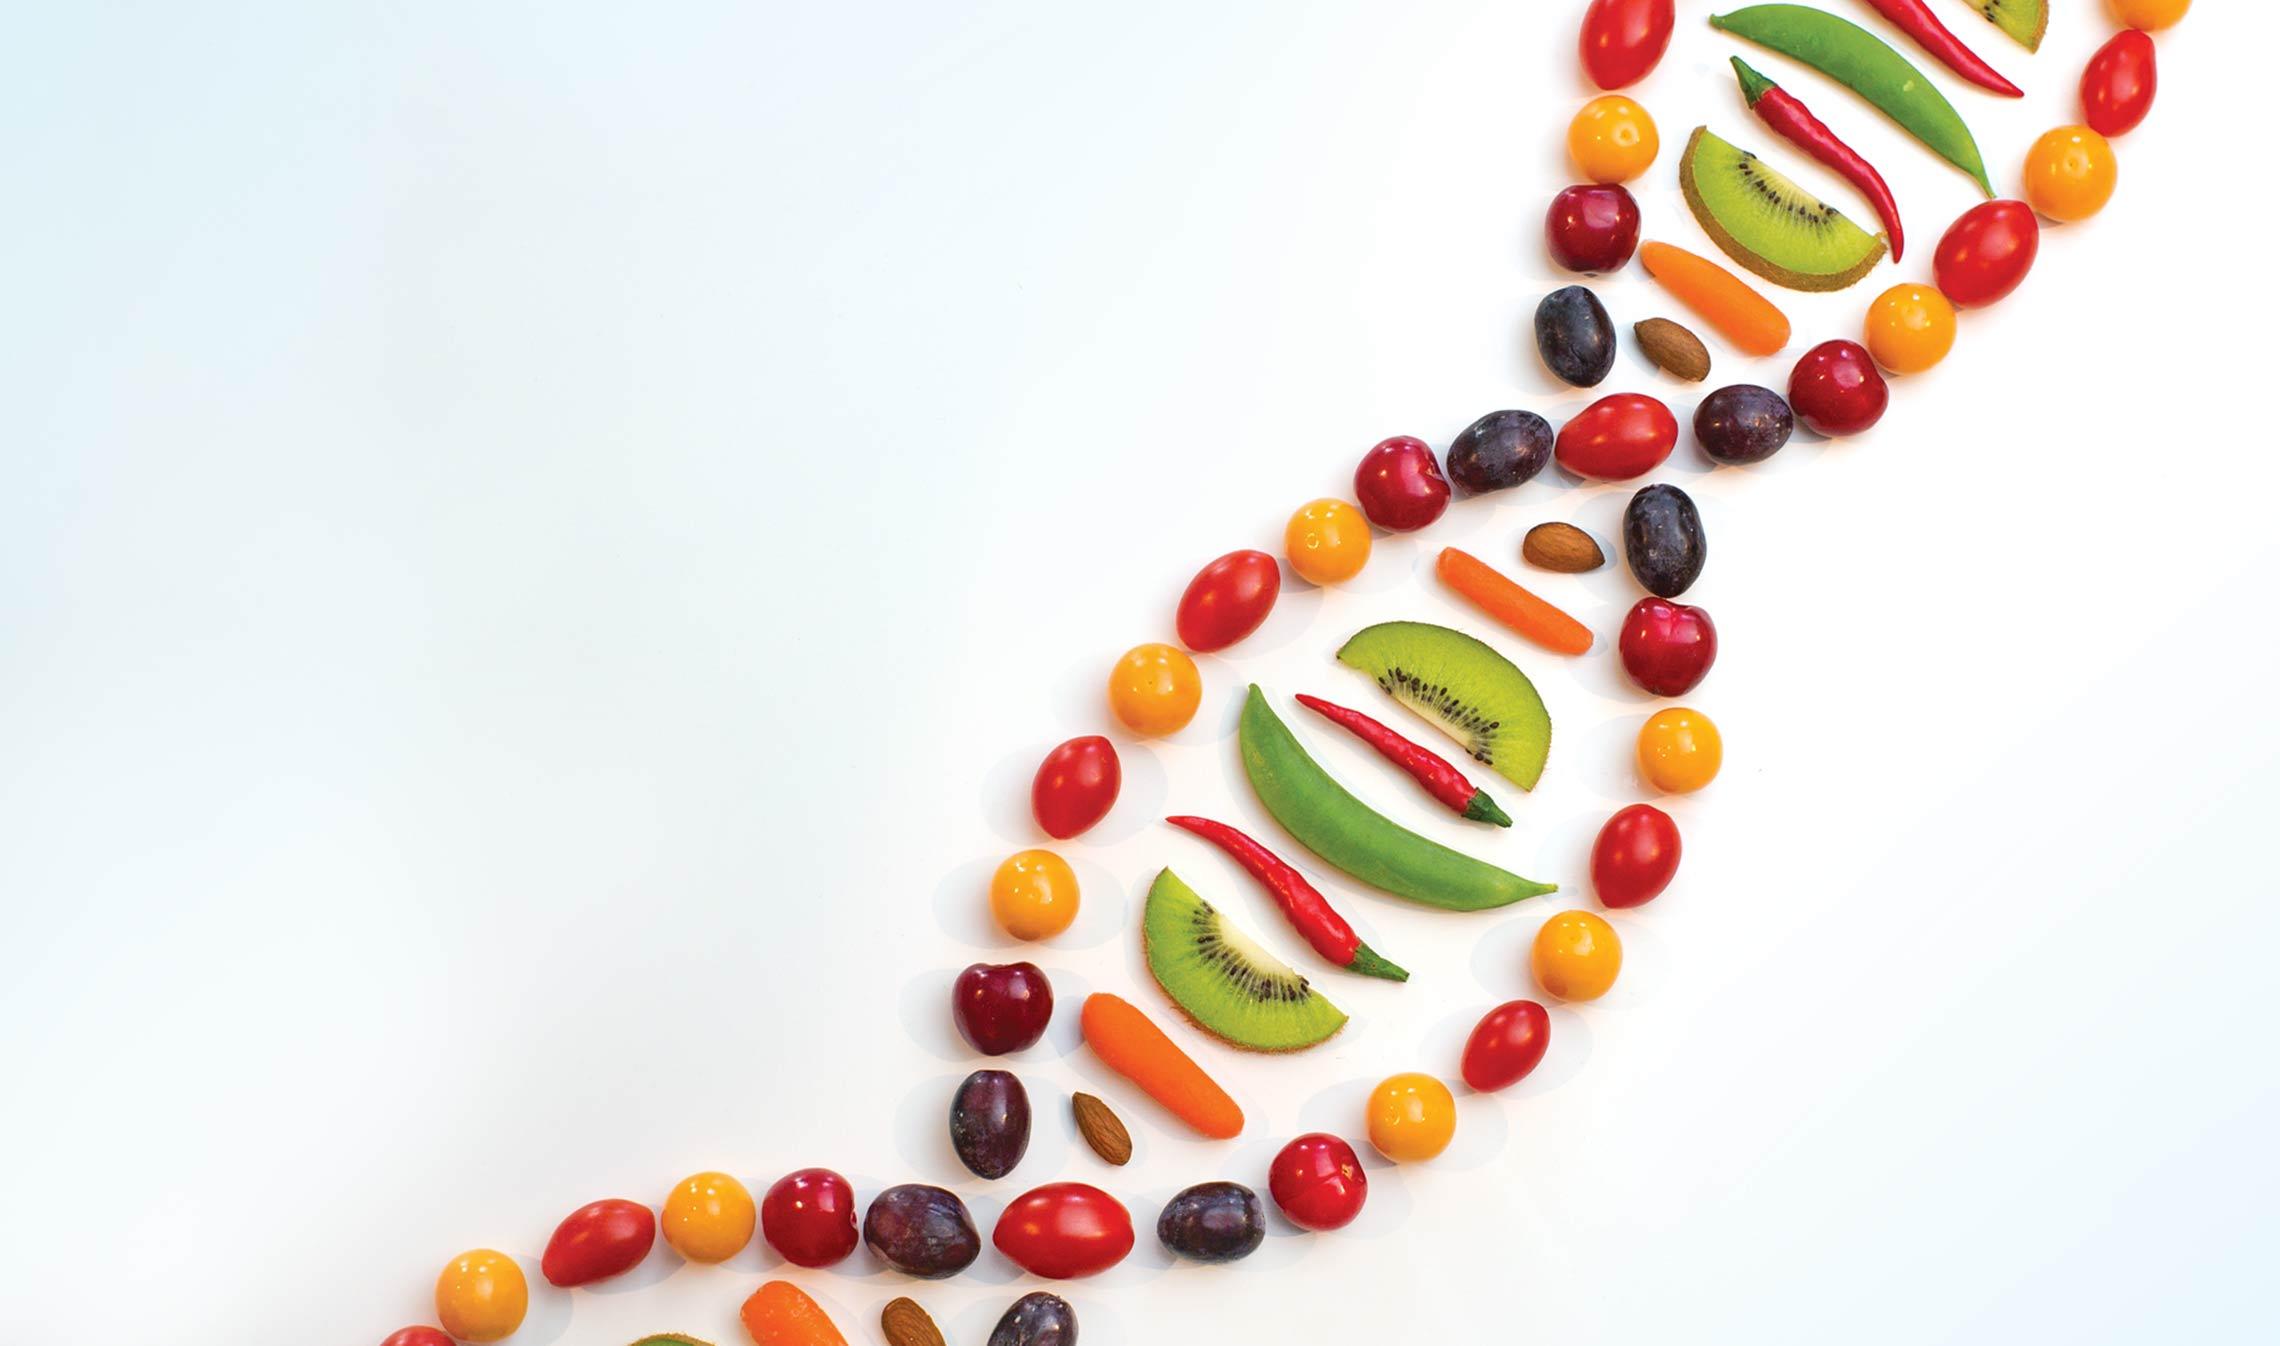 פתרון יעיל לחקלאות או נשק ביולוגי?